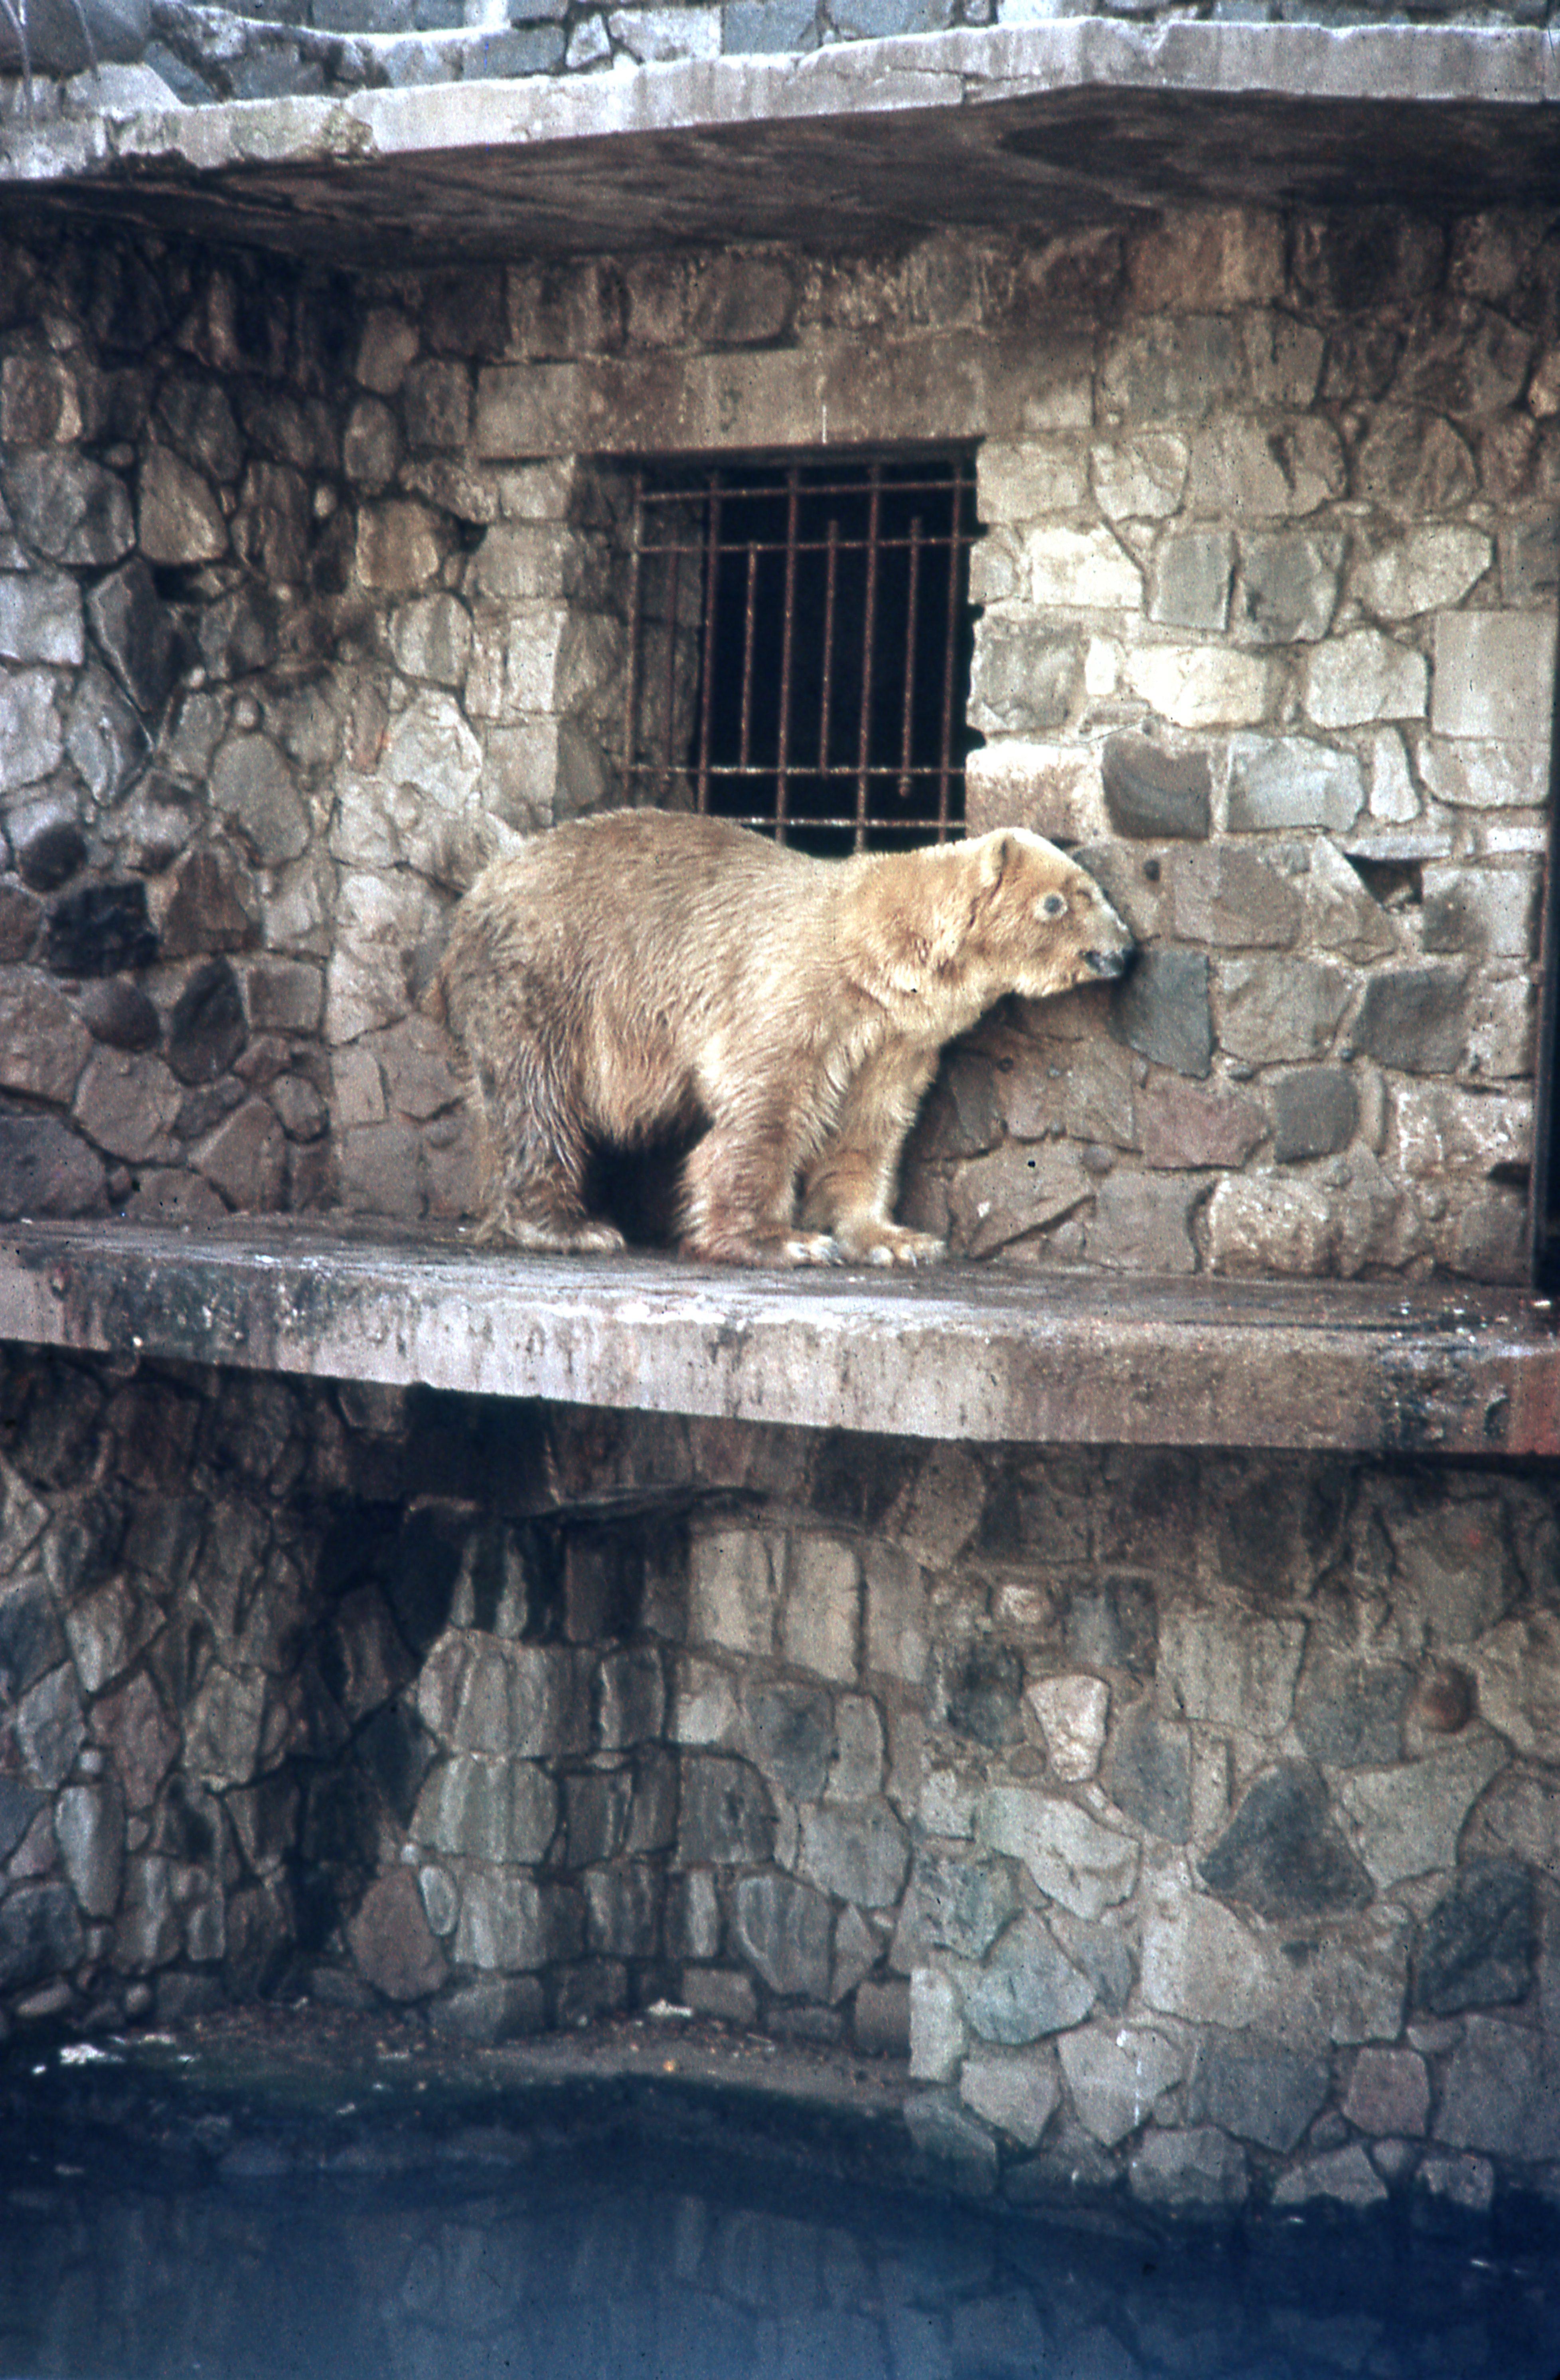 Enterreno - Fotos históricas de chile - fotos antiguas de Chile - Zoológico de Santiago, 1977